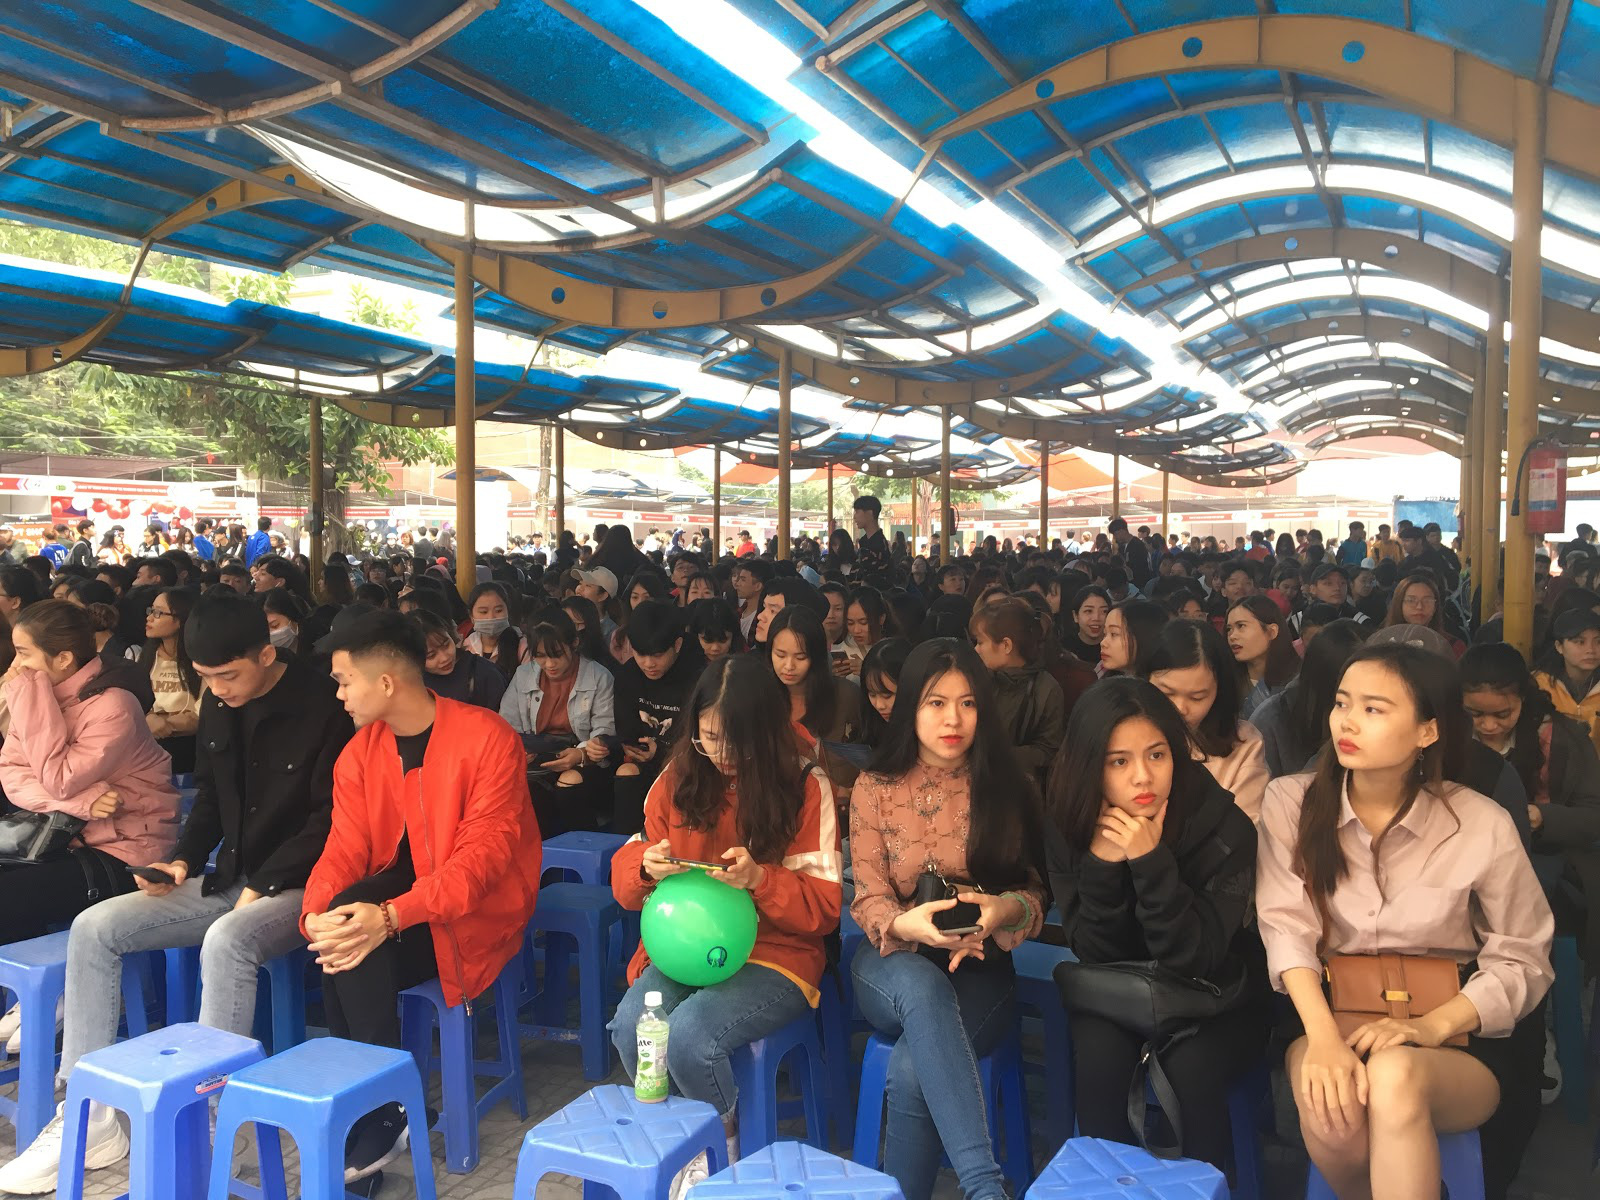 Sôi động với 3.000 sinh viên trường Đại học HUBT tại Ngày hội việc làm 2019 - Ảnh 4.